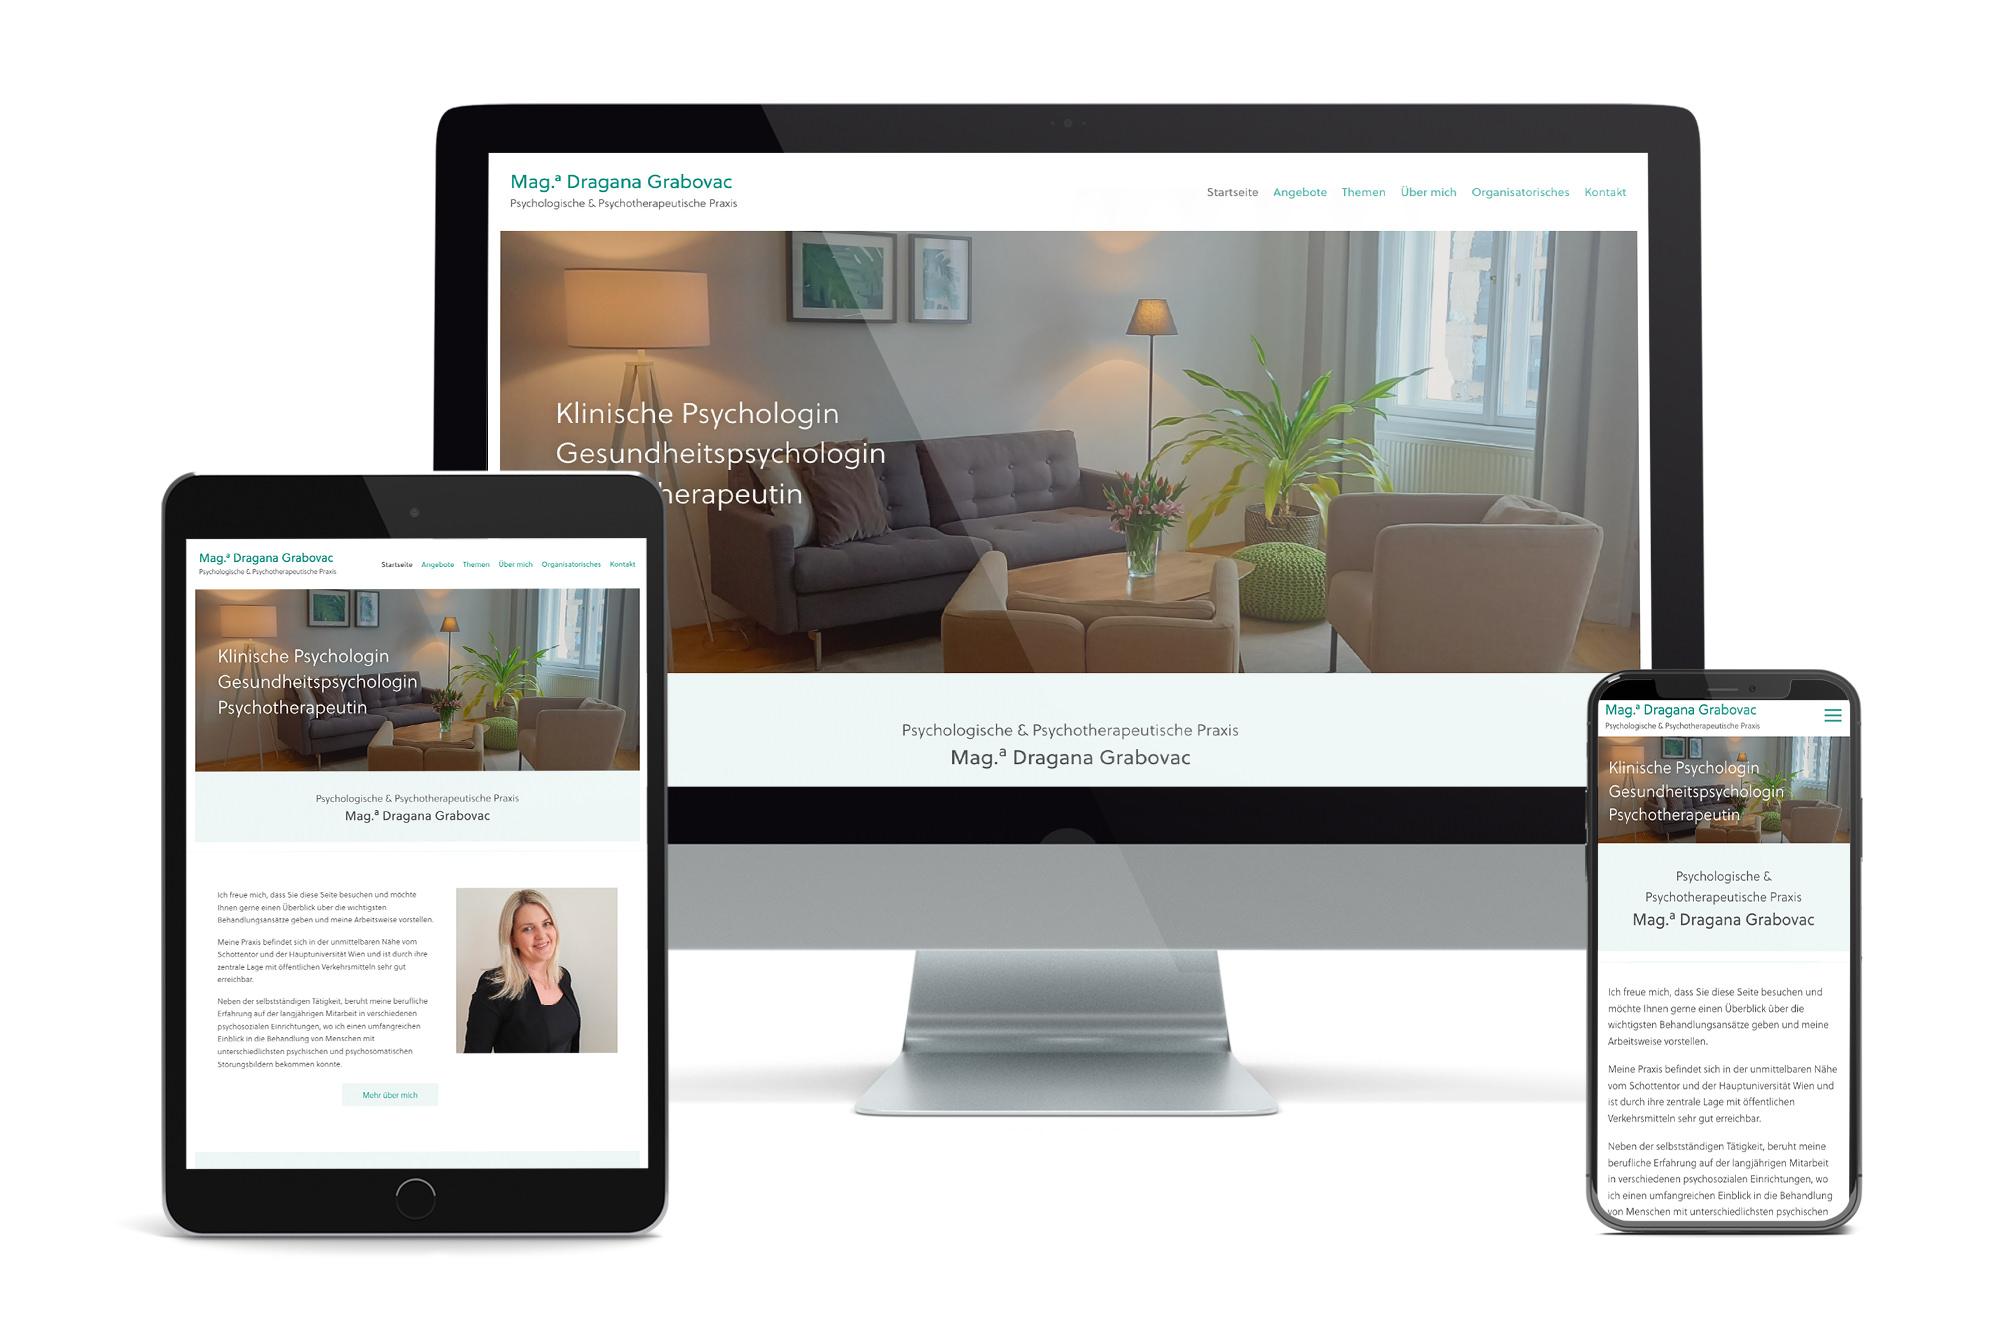 Webdesign Beispiel: Neue Website für Psychotherapie 1090 Wien